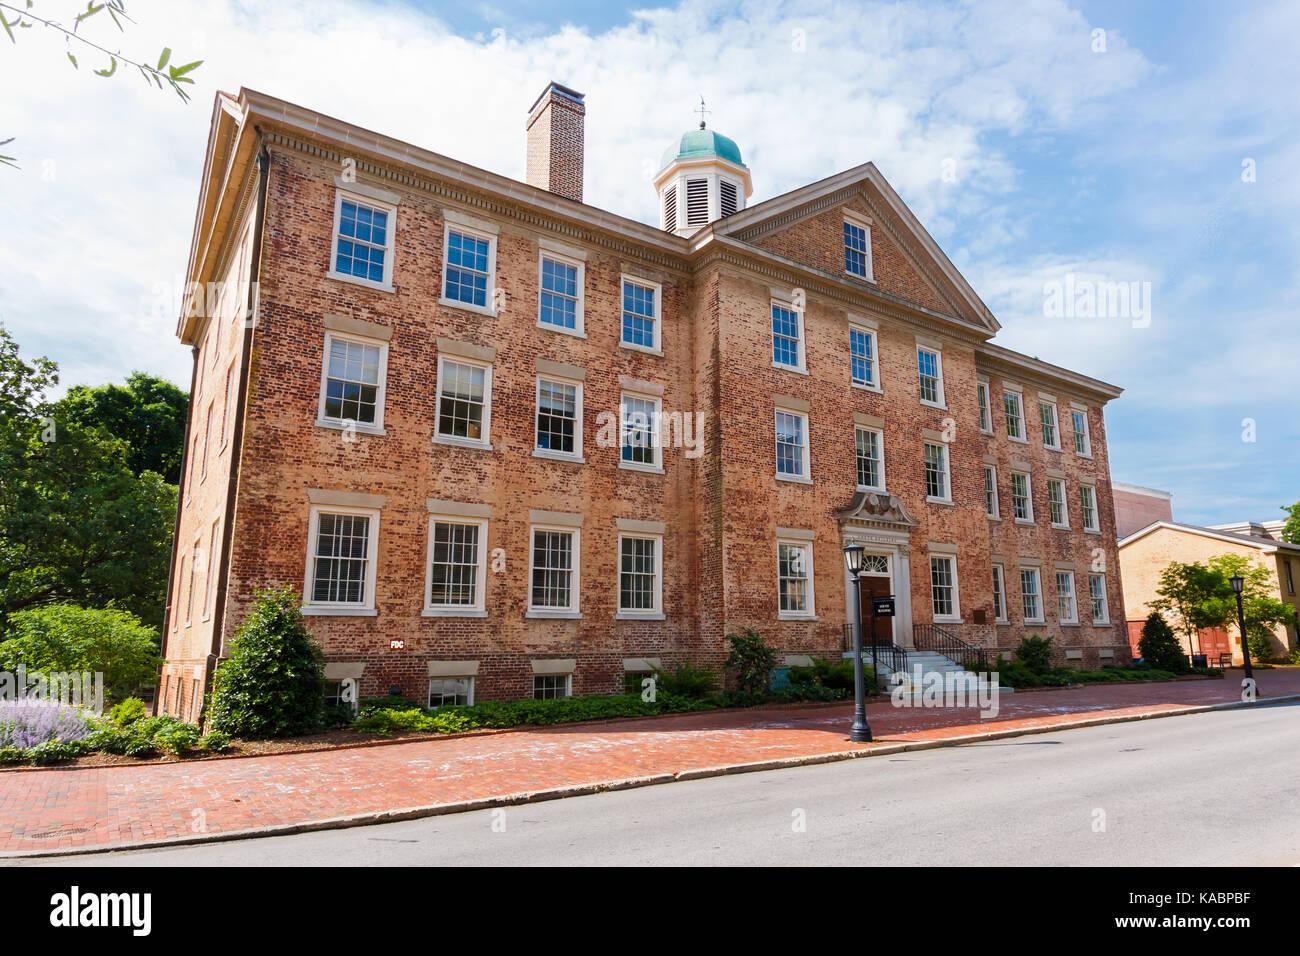 South Building at the University of North Carolina at Chapel Hill on May 19, 2015 in Chapel Hill, North Carolina. - Stock Image